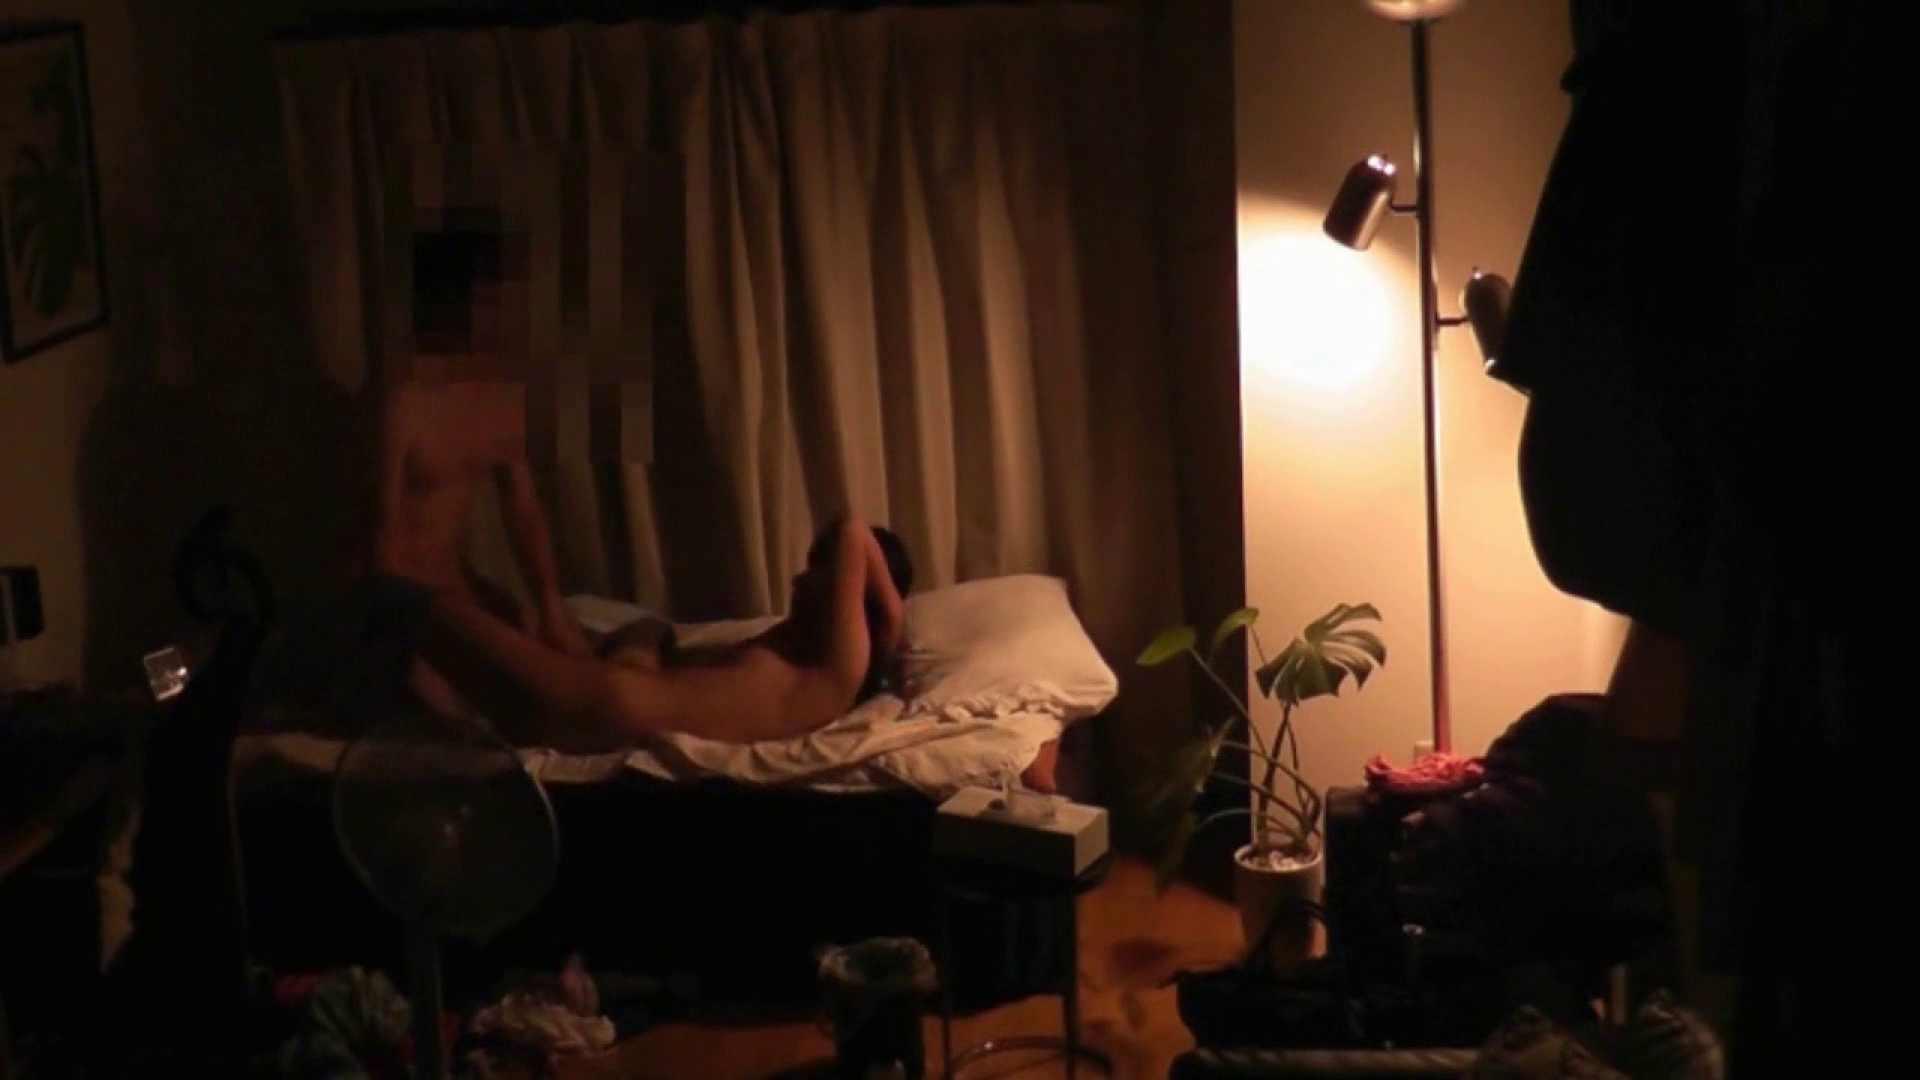 美女だらけのプライベートSEXvol.1 OLの裸事情 オマンコ無修正動画無料 107枚 57